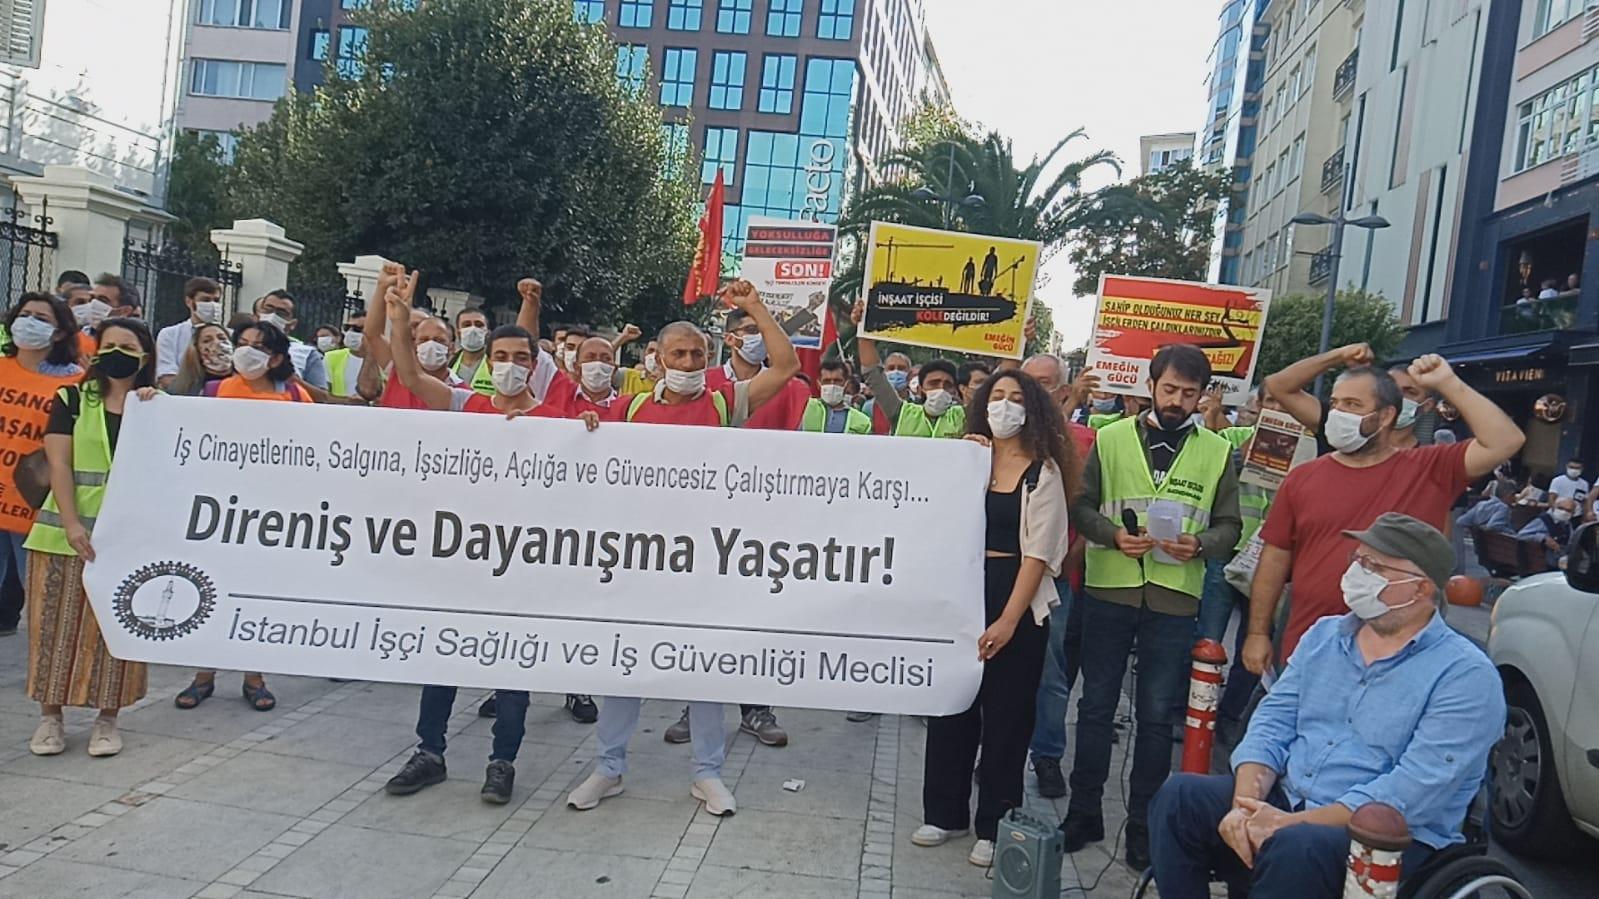 Salgın Yönetimine Karşı İşçi Sağlığı Mücadelesi - Murat Çakır